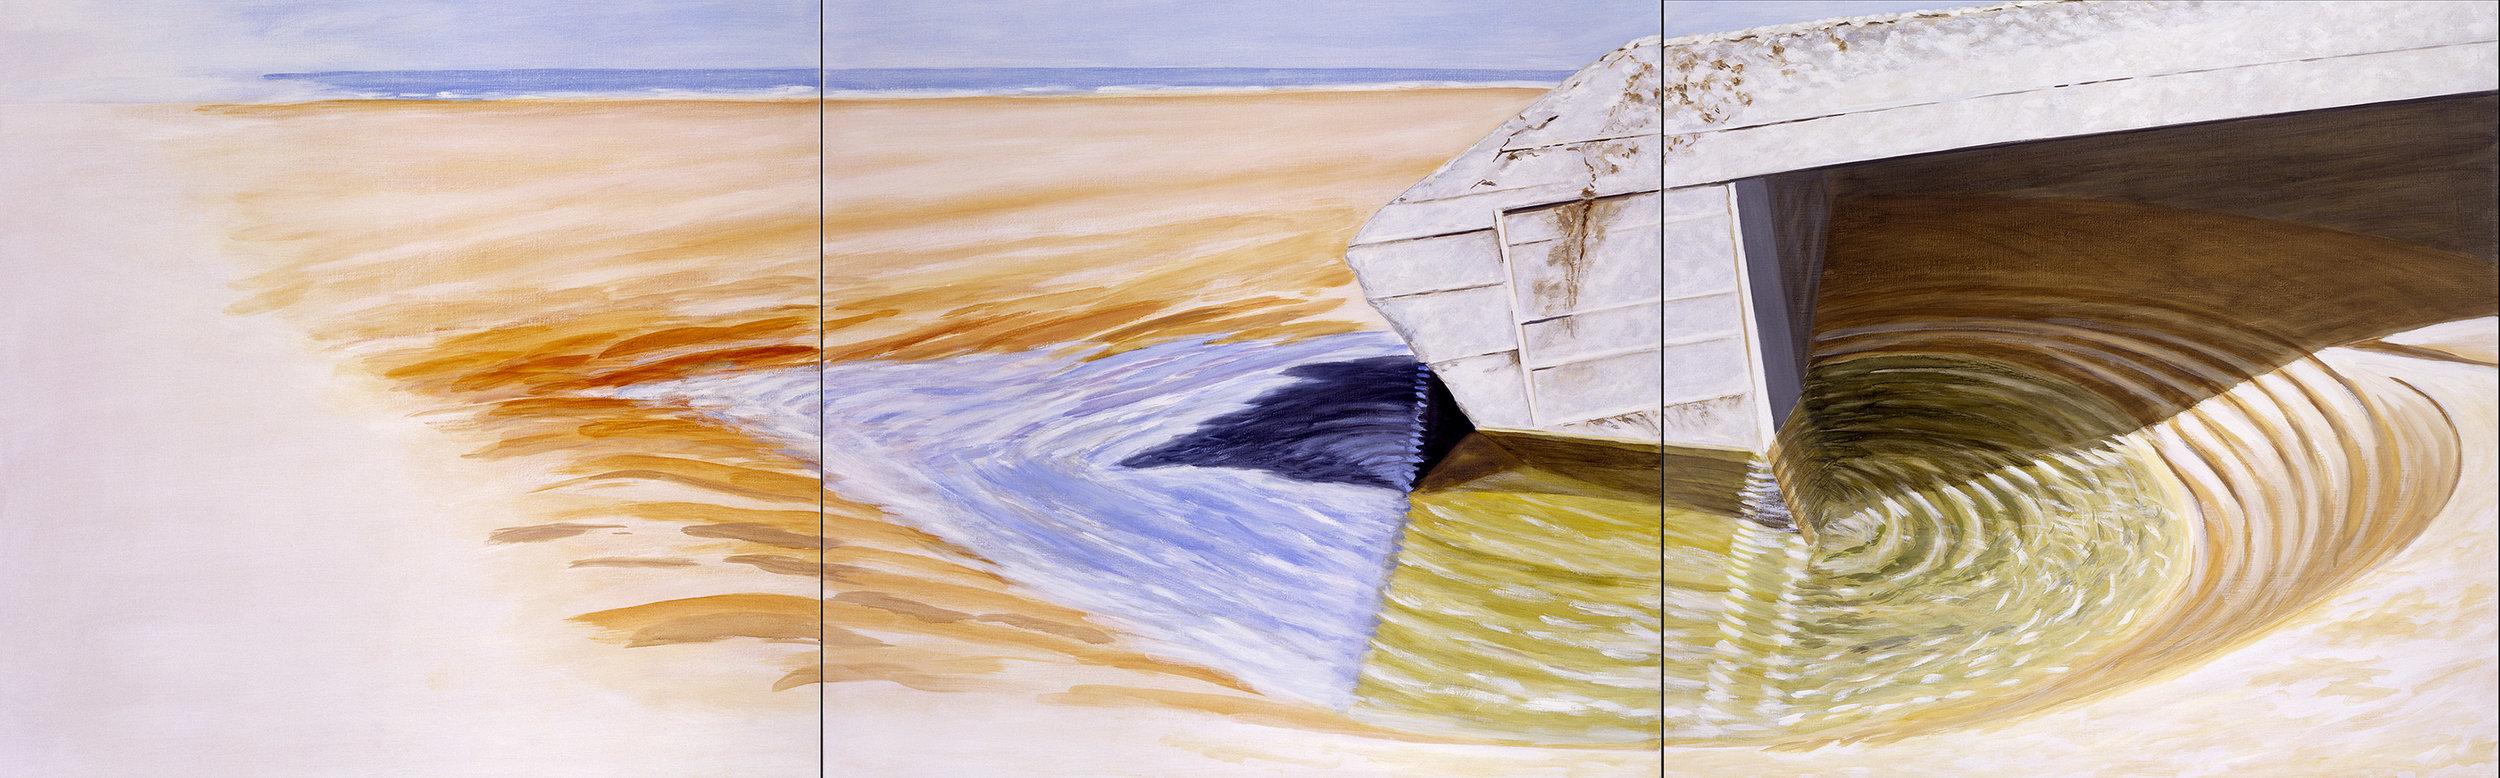 Ensablé, immergé, 1995